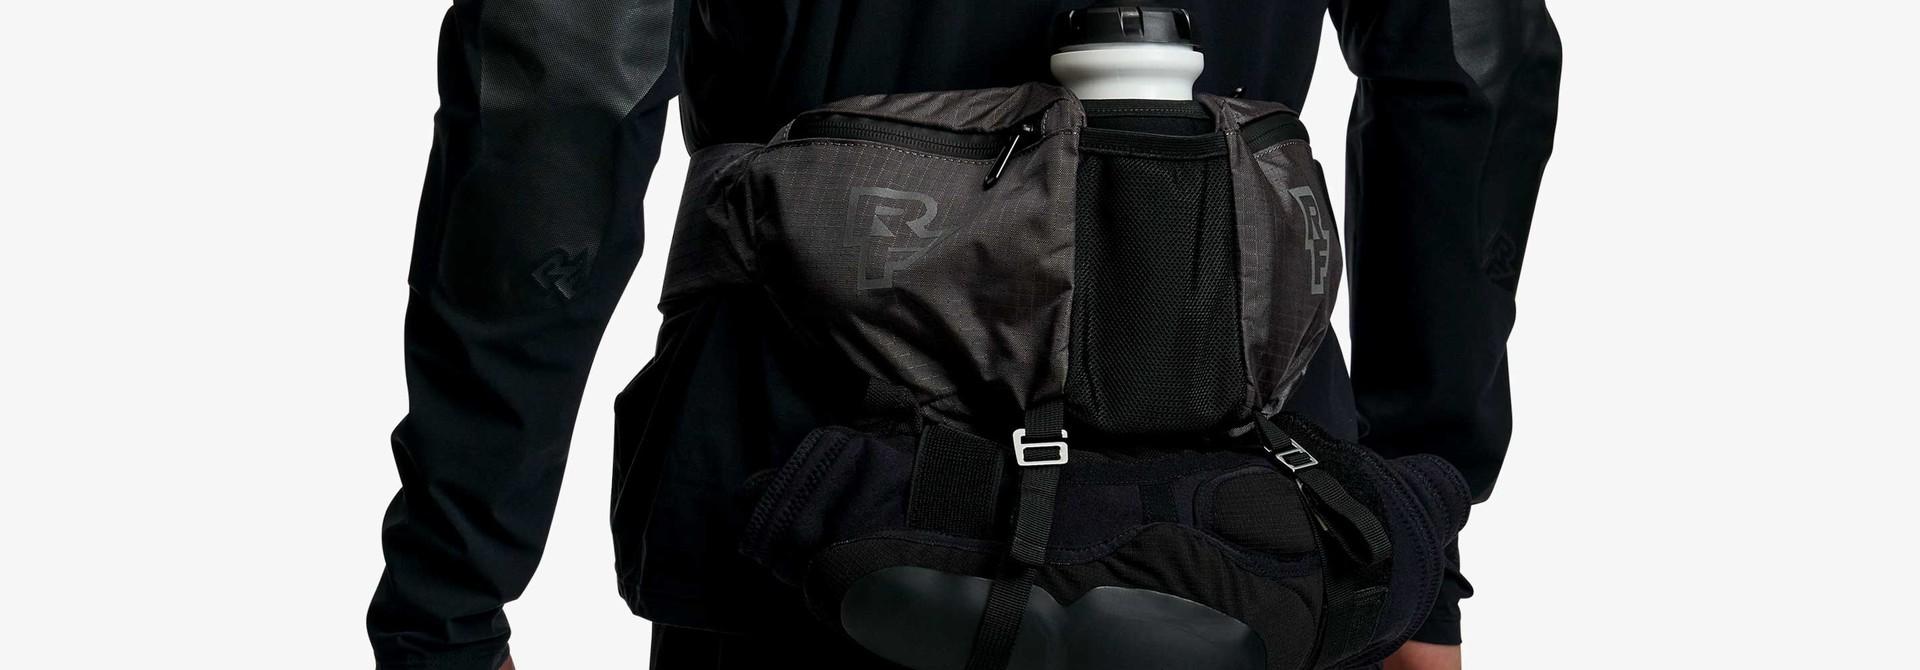 RaceFace Stash Quick Rip Bag 1.5L